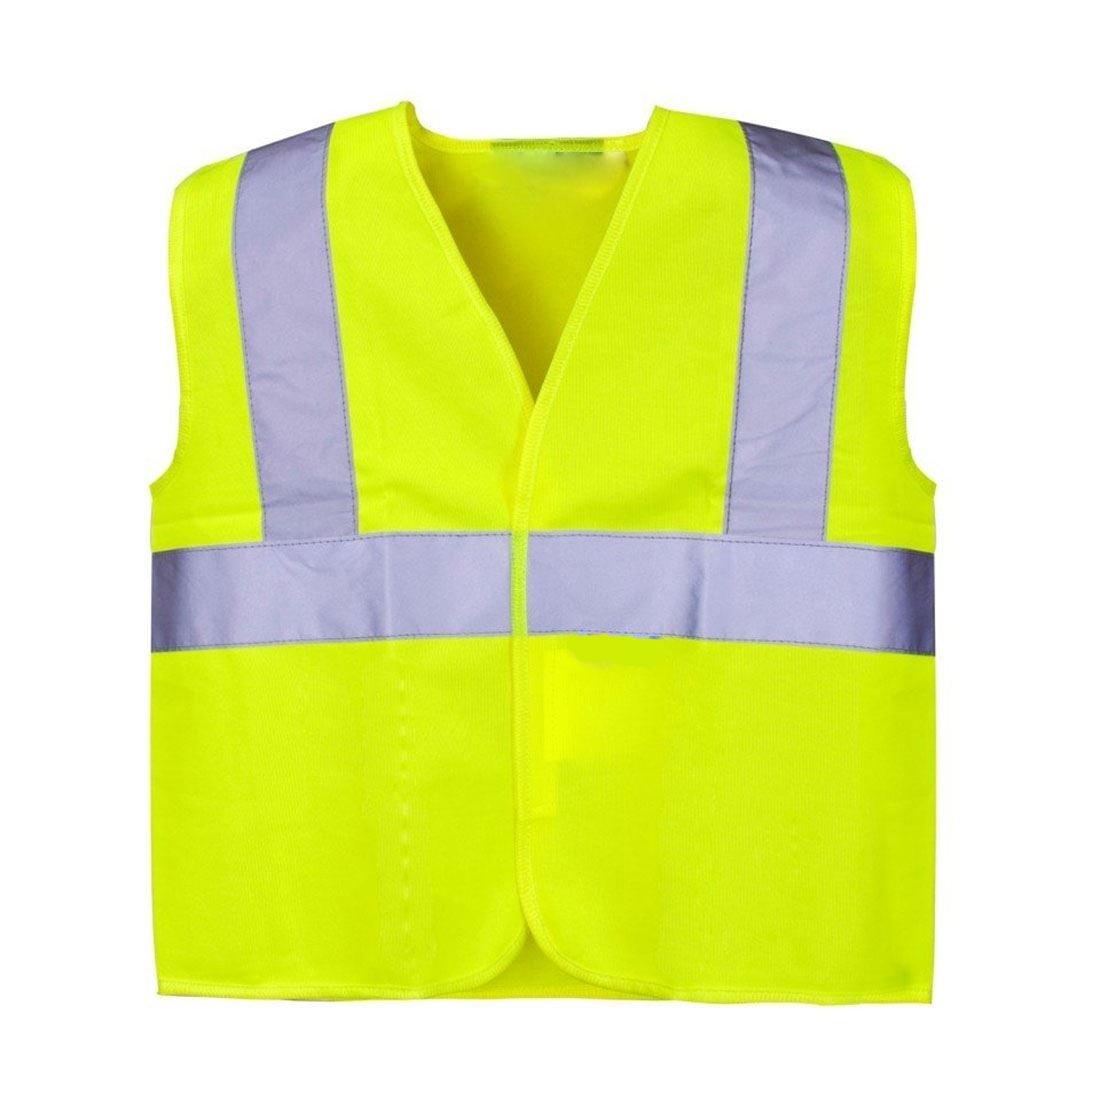 Rimi Hanger Children High Vis Junior Safety Sleeveless Reflective Vest 4-12 Y